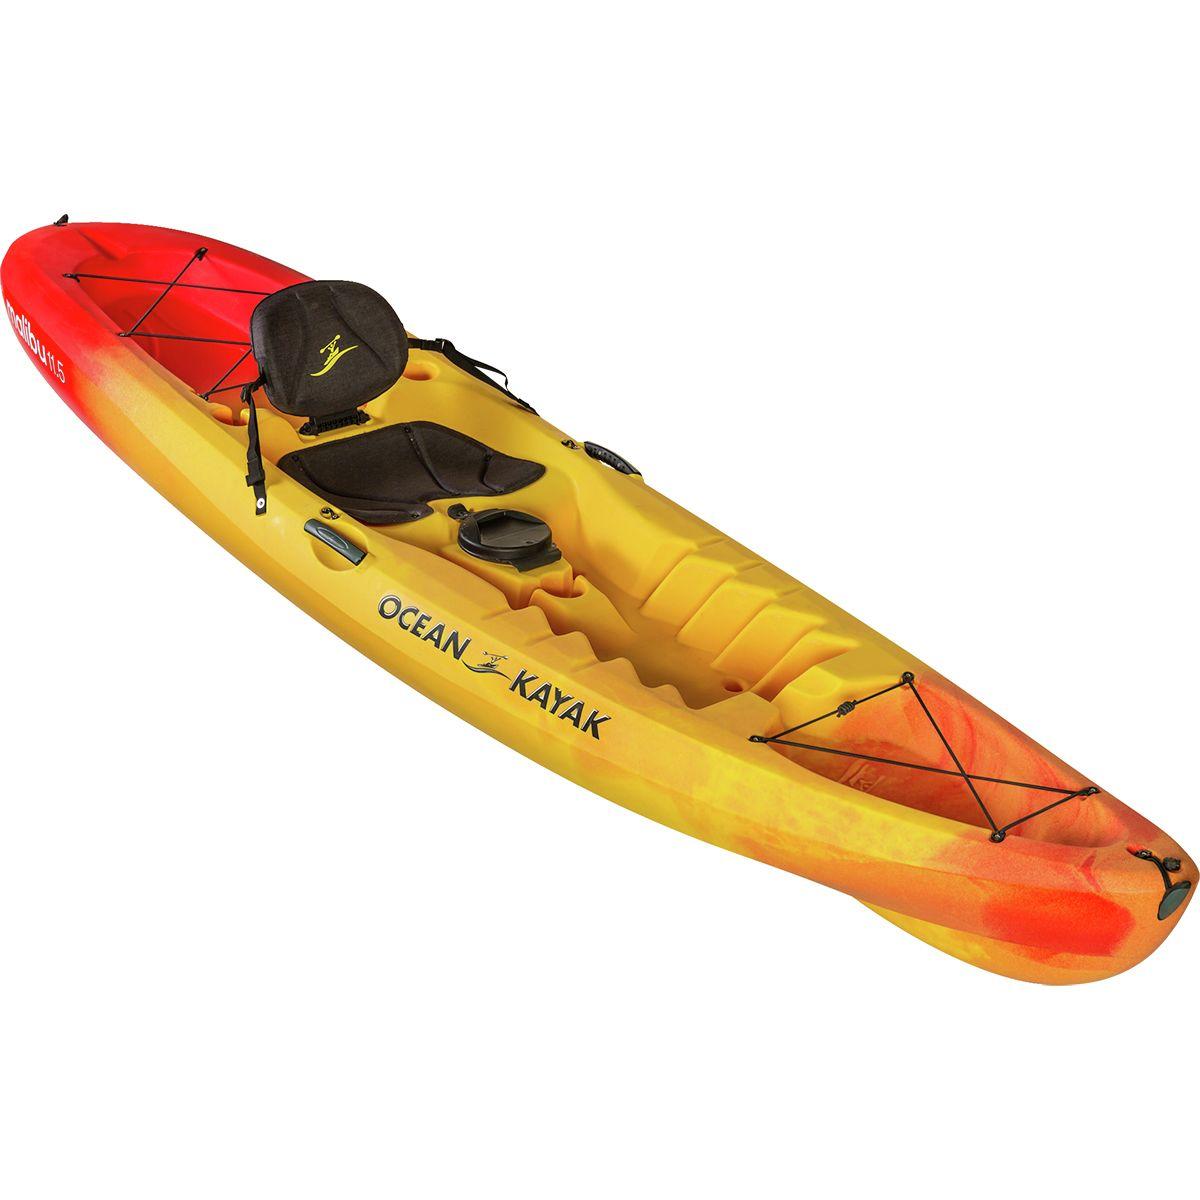 Ocean-Kayak-Malibu-11-5-Kayak-2019 thumbnail 12